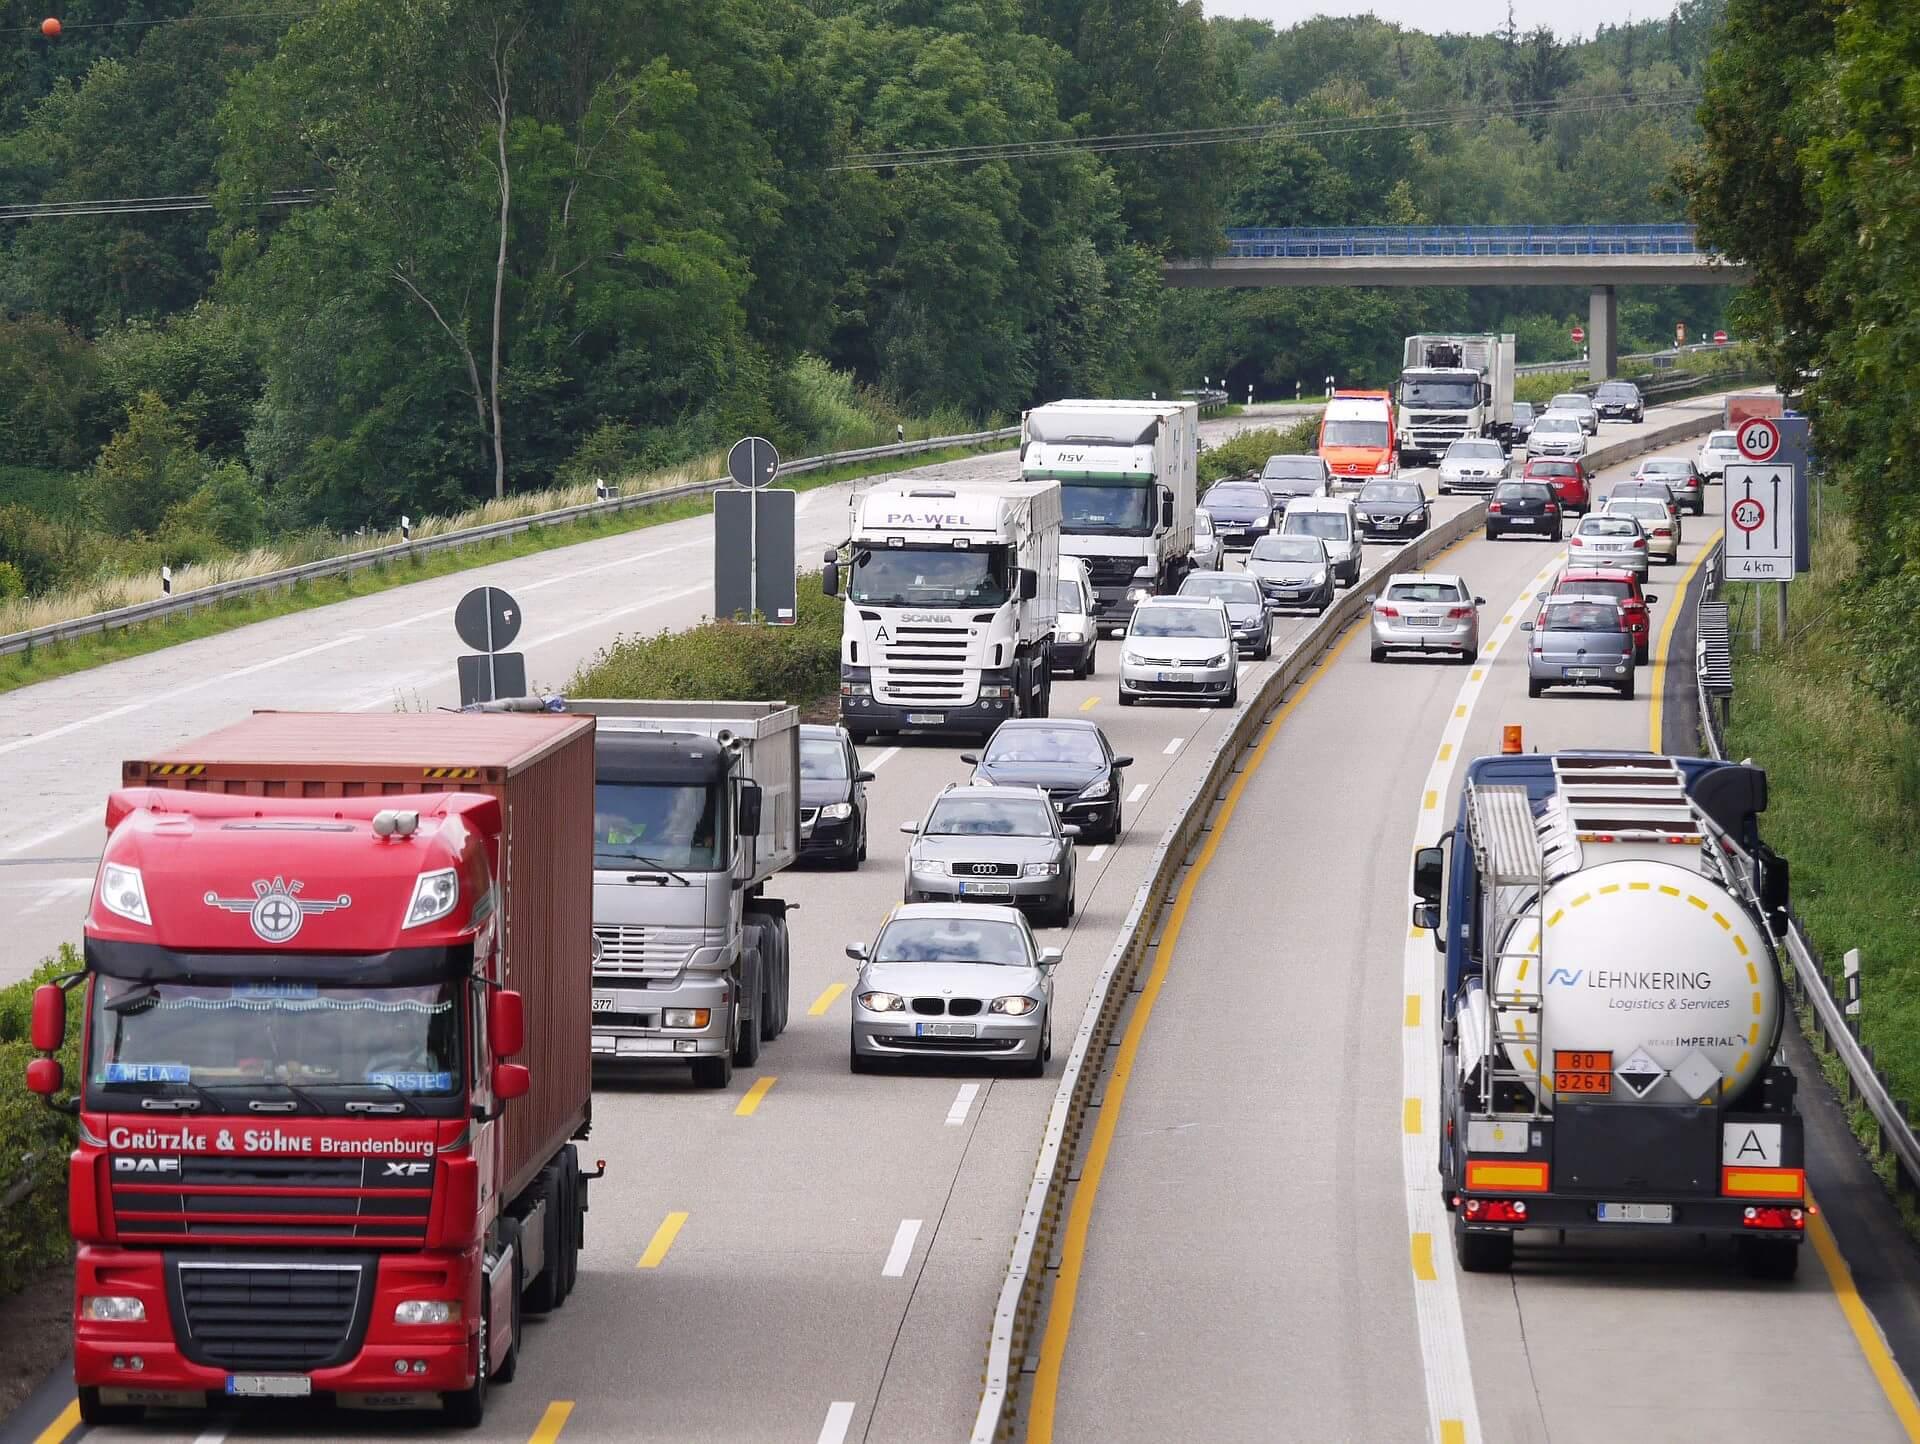 حمل و نقل جاده ای چیست و چگونه انجام میشود؟